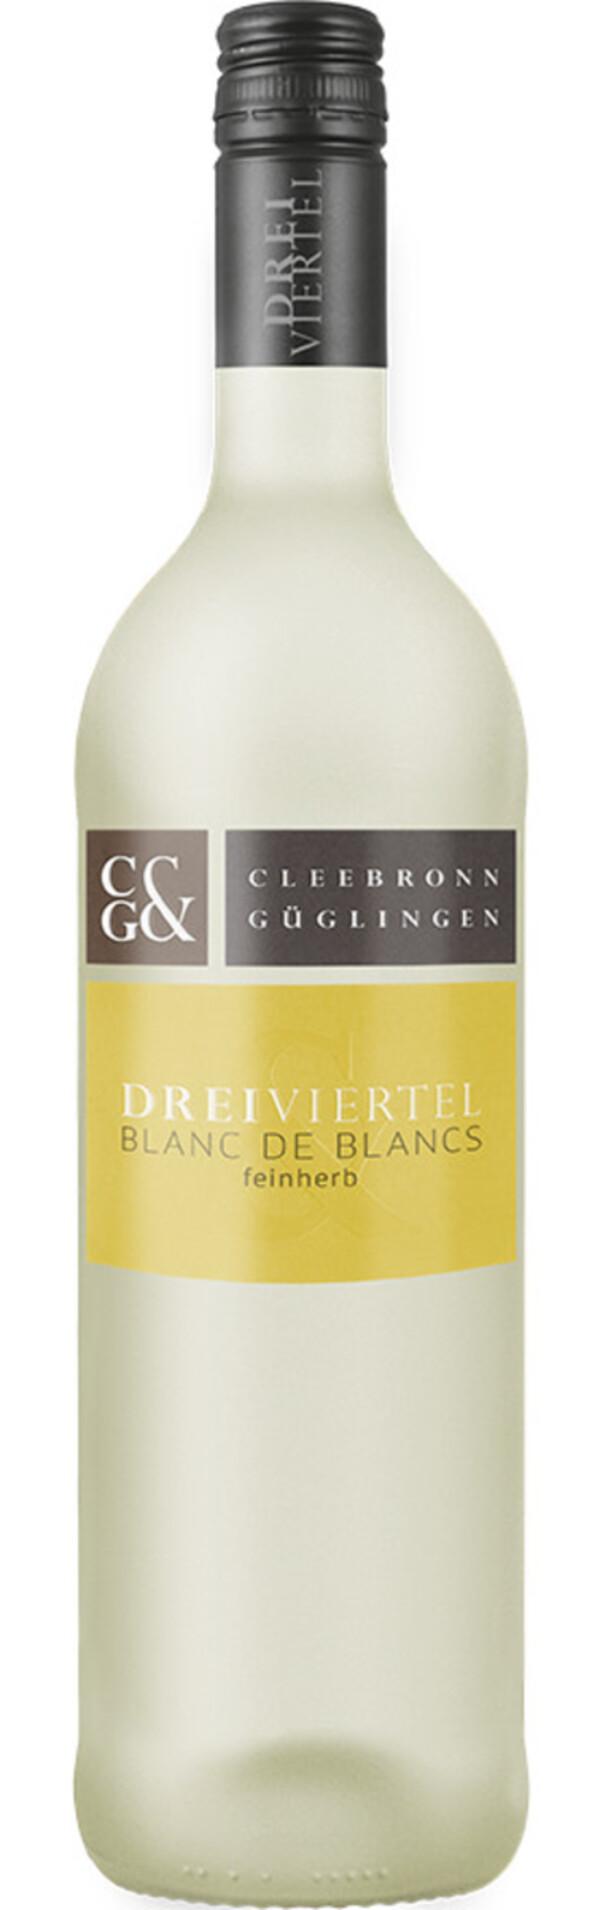 Cleebronn Güglingen Blanc de Blancs feinherb 2018 0,75 ltr